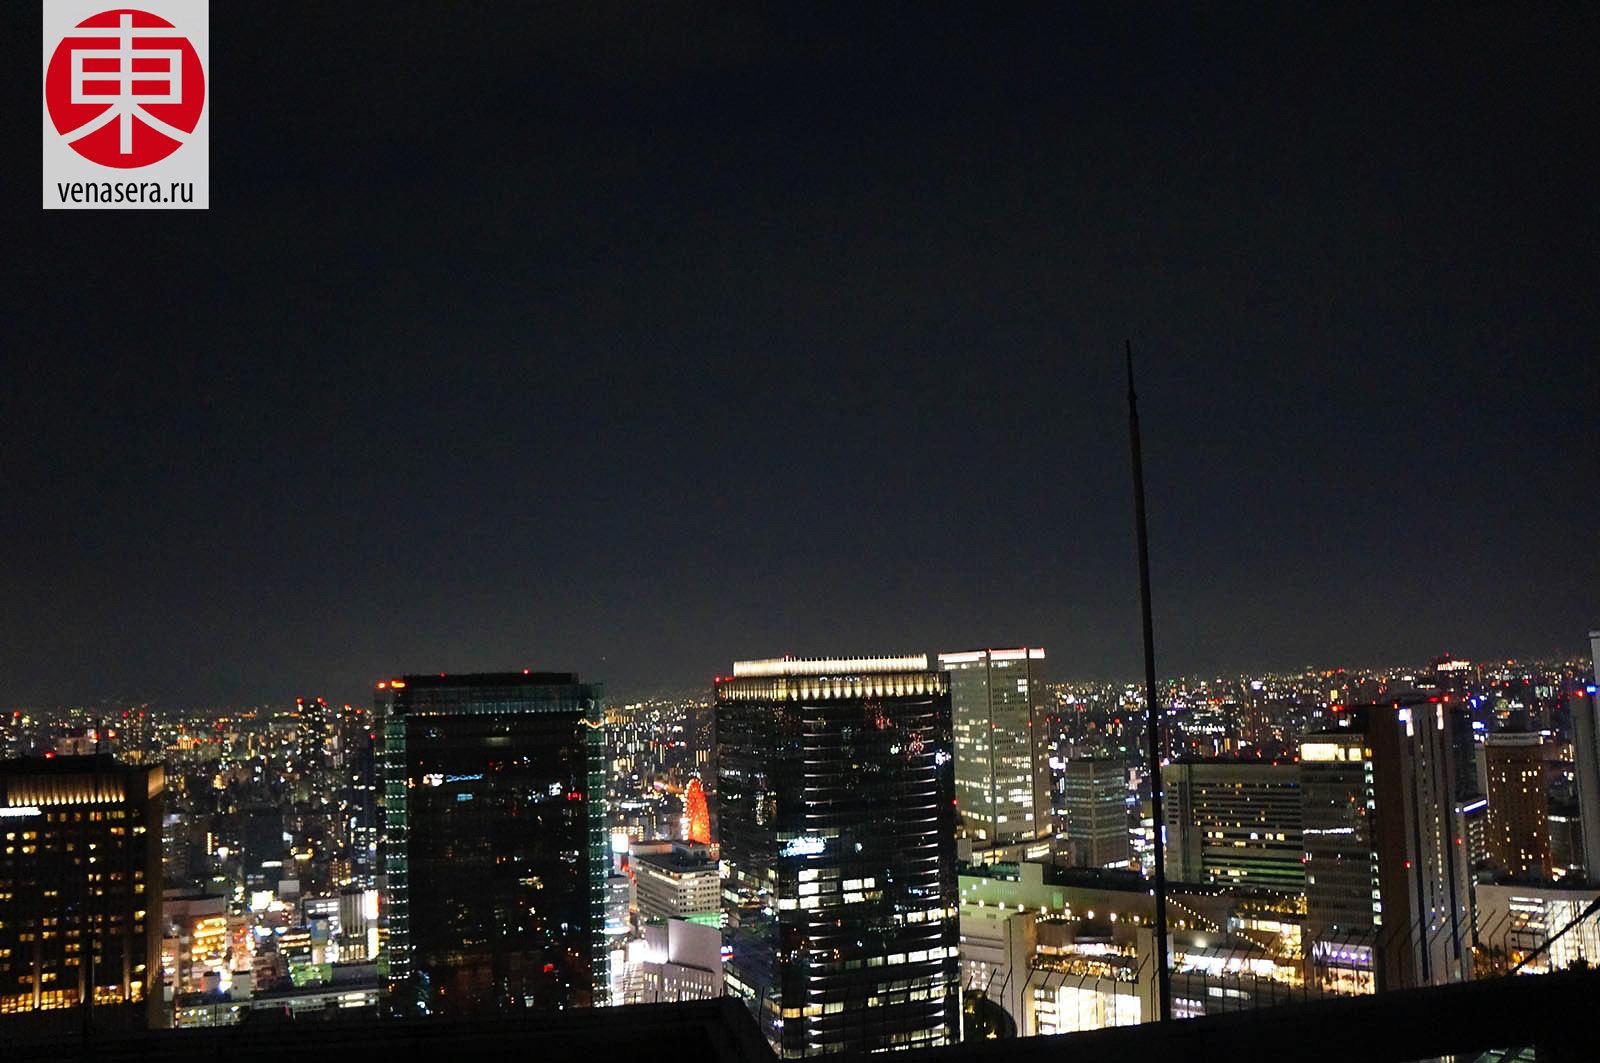 Умэда скай билдинг в Осака, Umeda Sky Building, 梅田スカイビル, Осака, Osaka, 大阪, Япония, Japan, 日本.